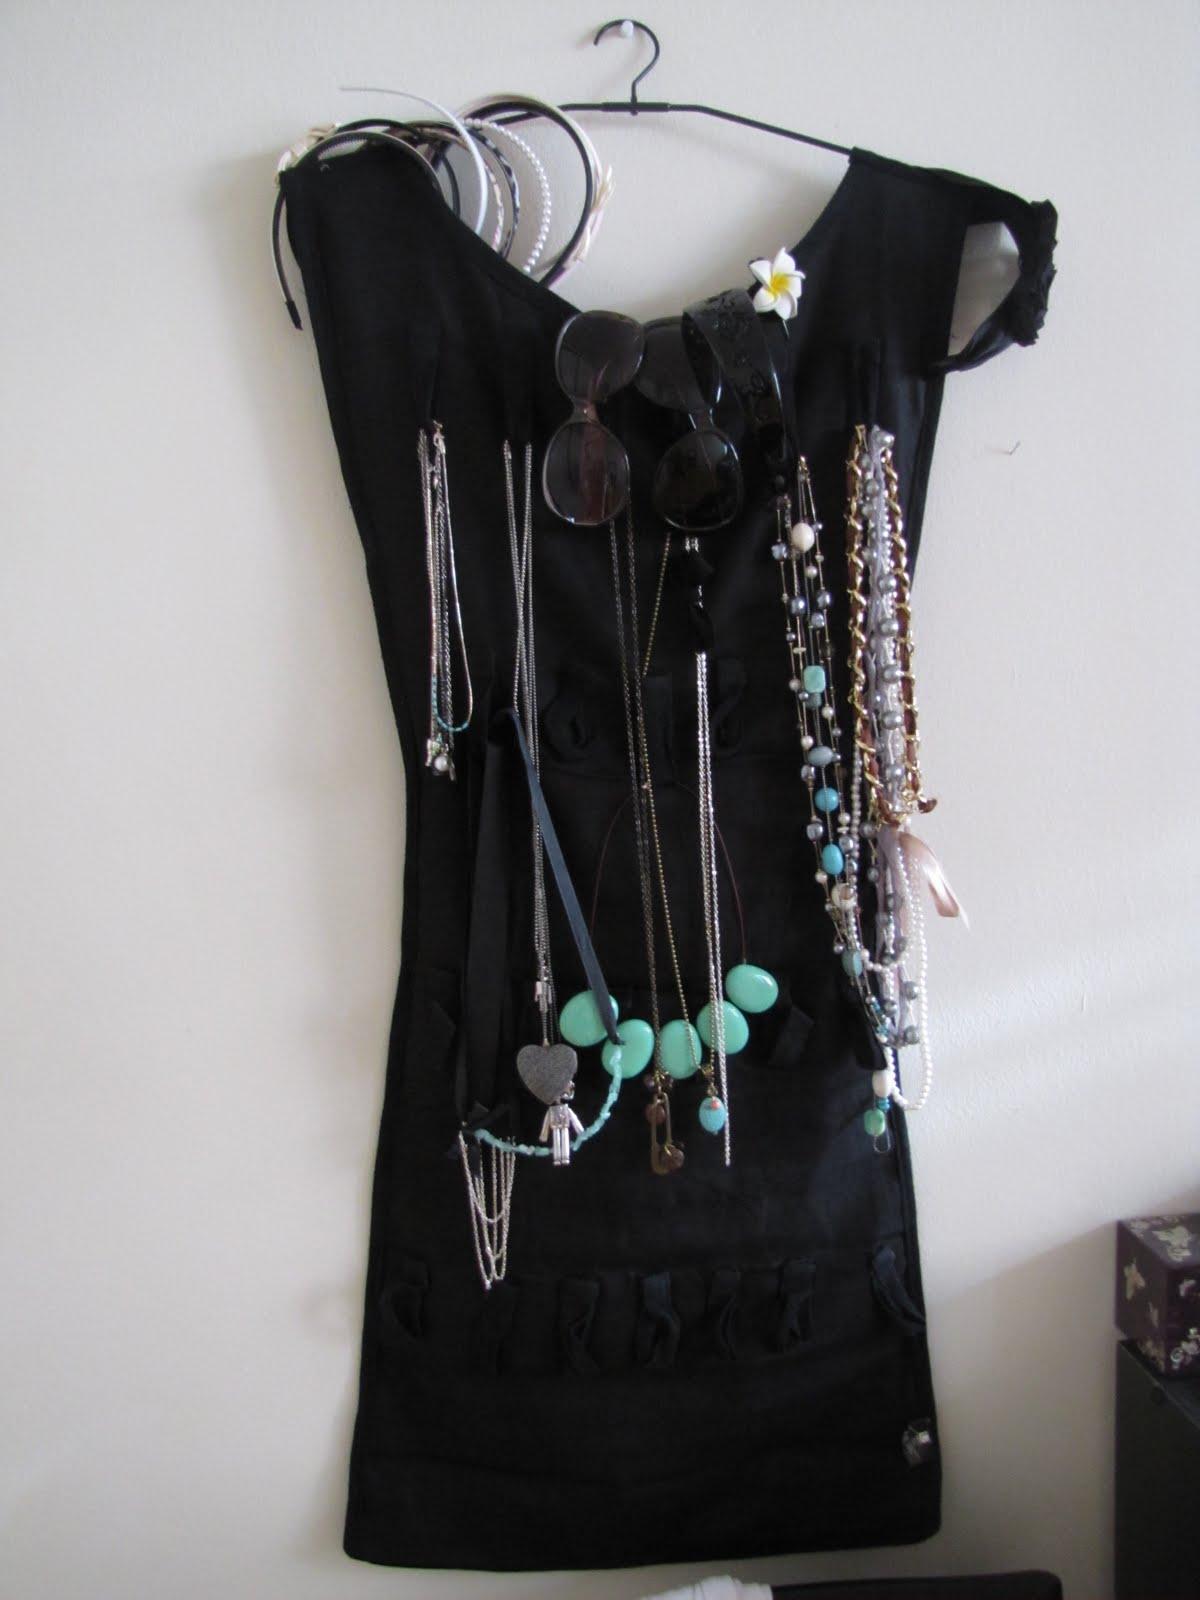 Umbra jewelry organizer little black dress for Terrace jewelry organizer by umbra